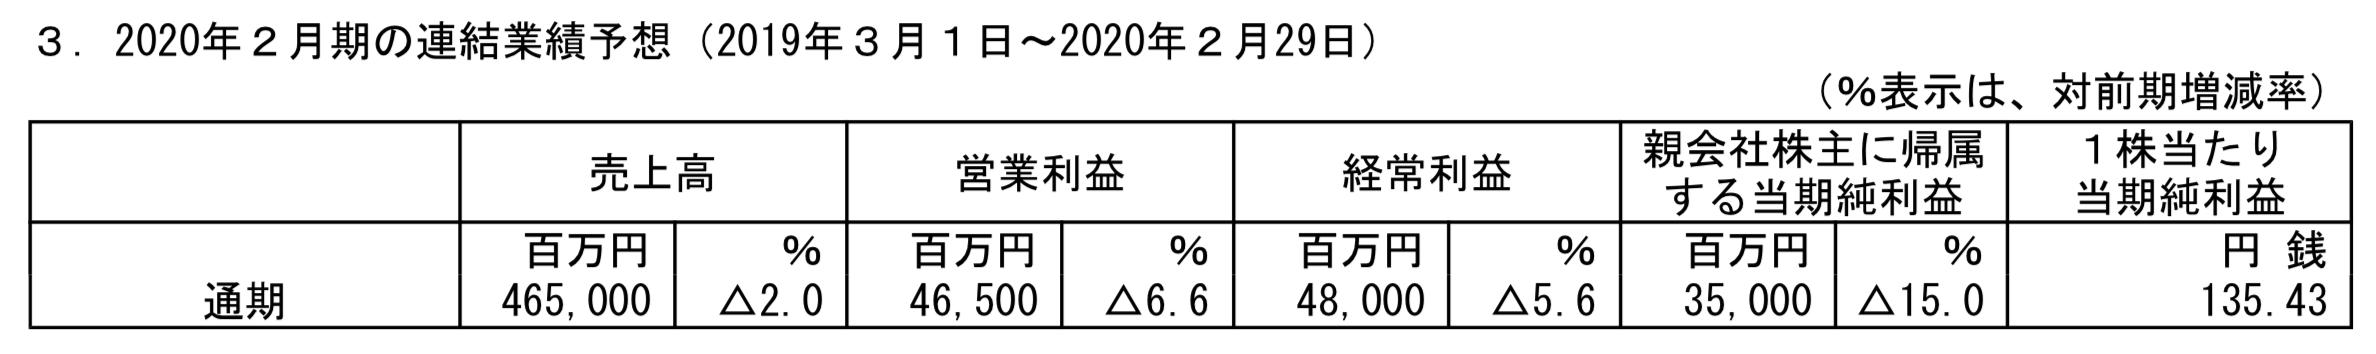 安川電機のEPSの予想